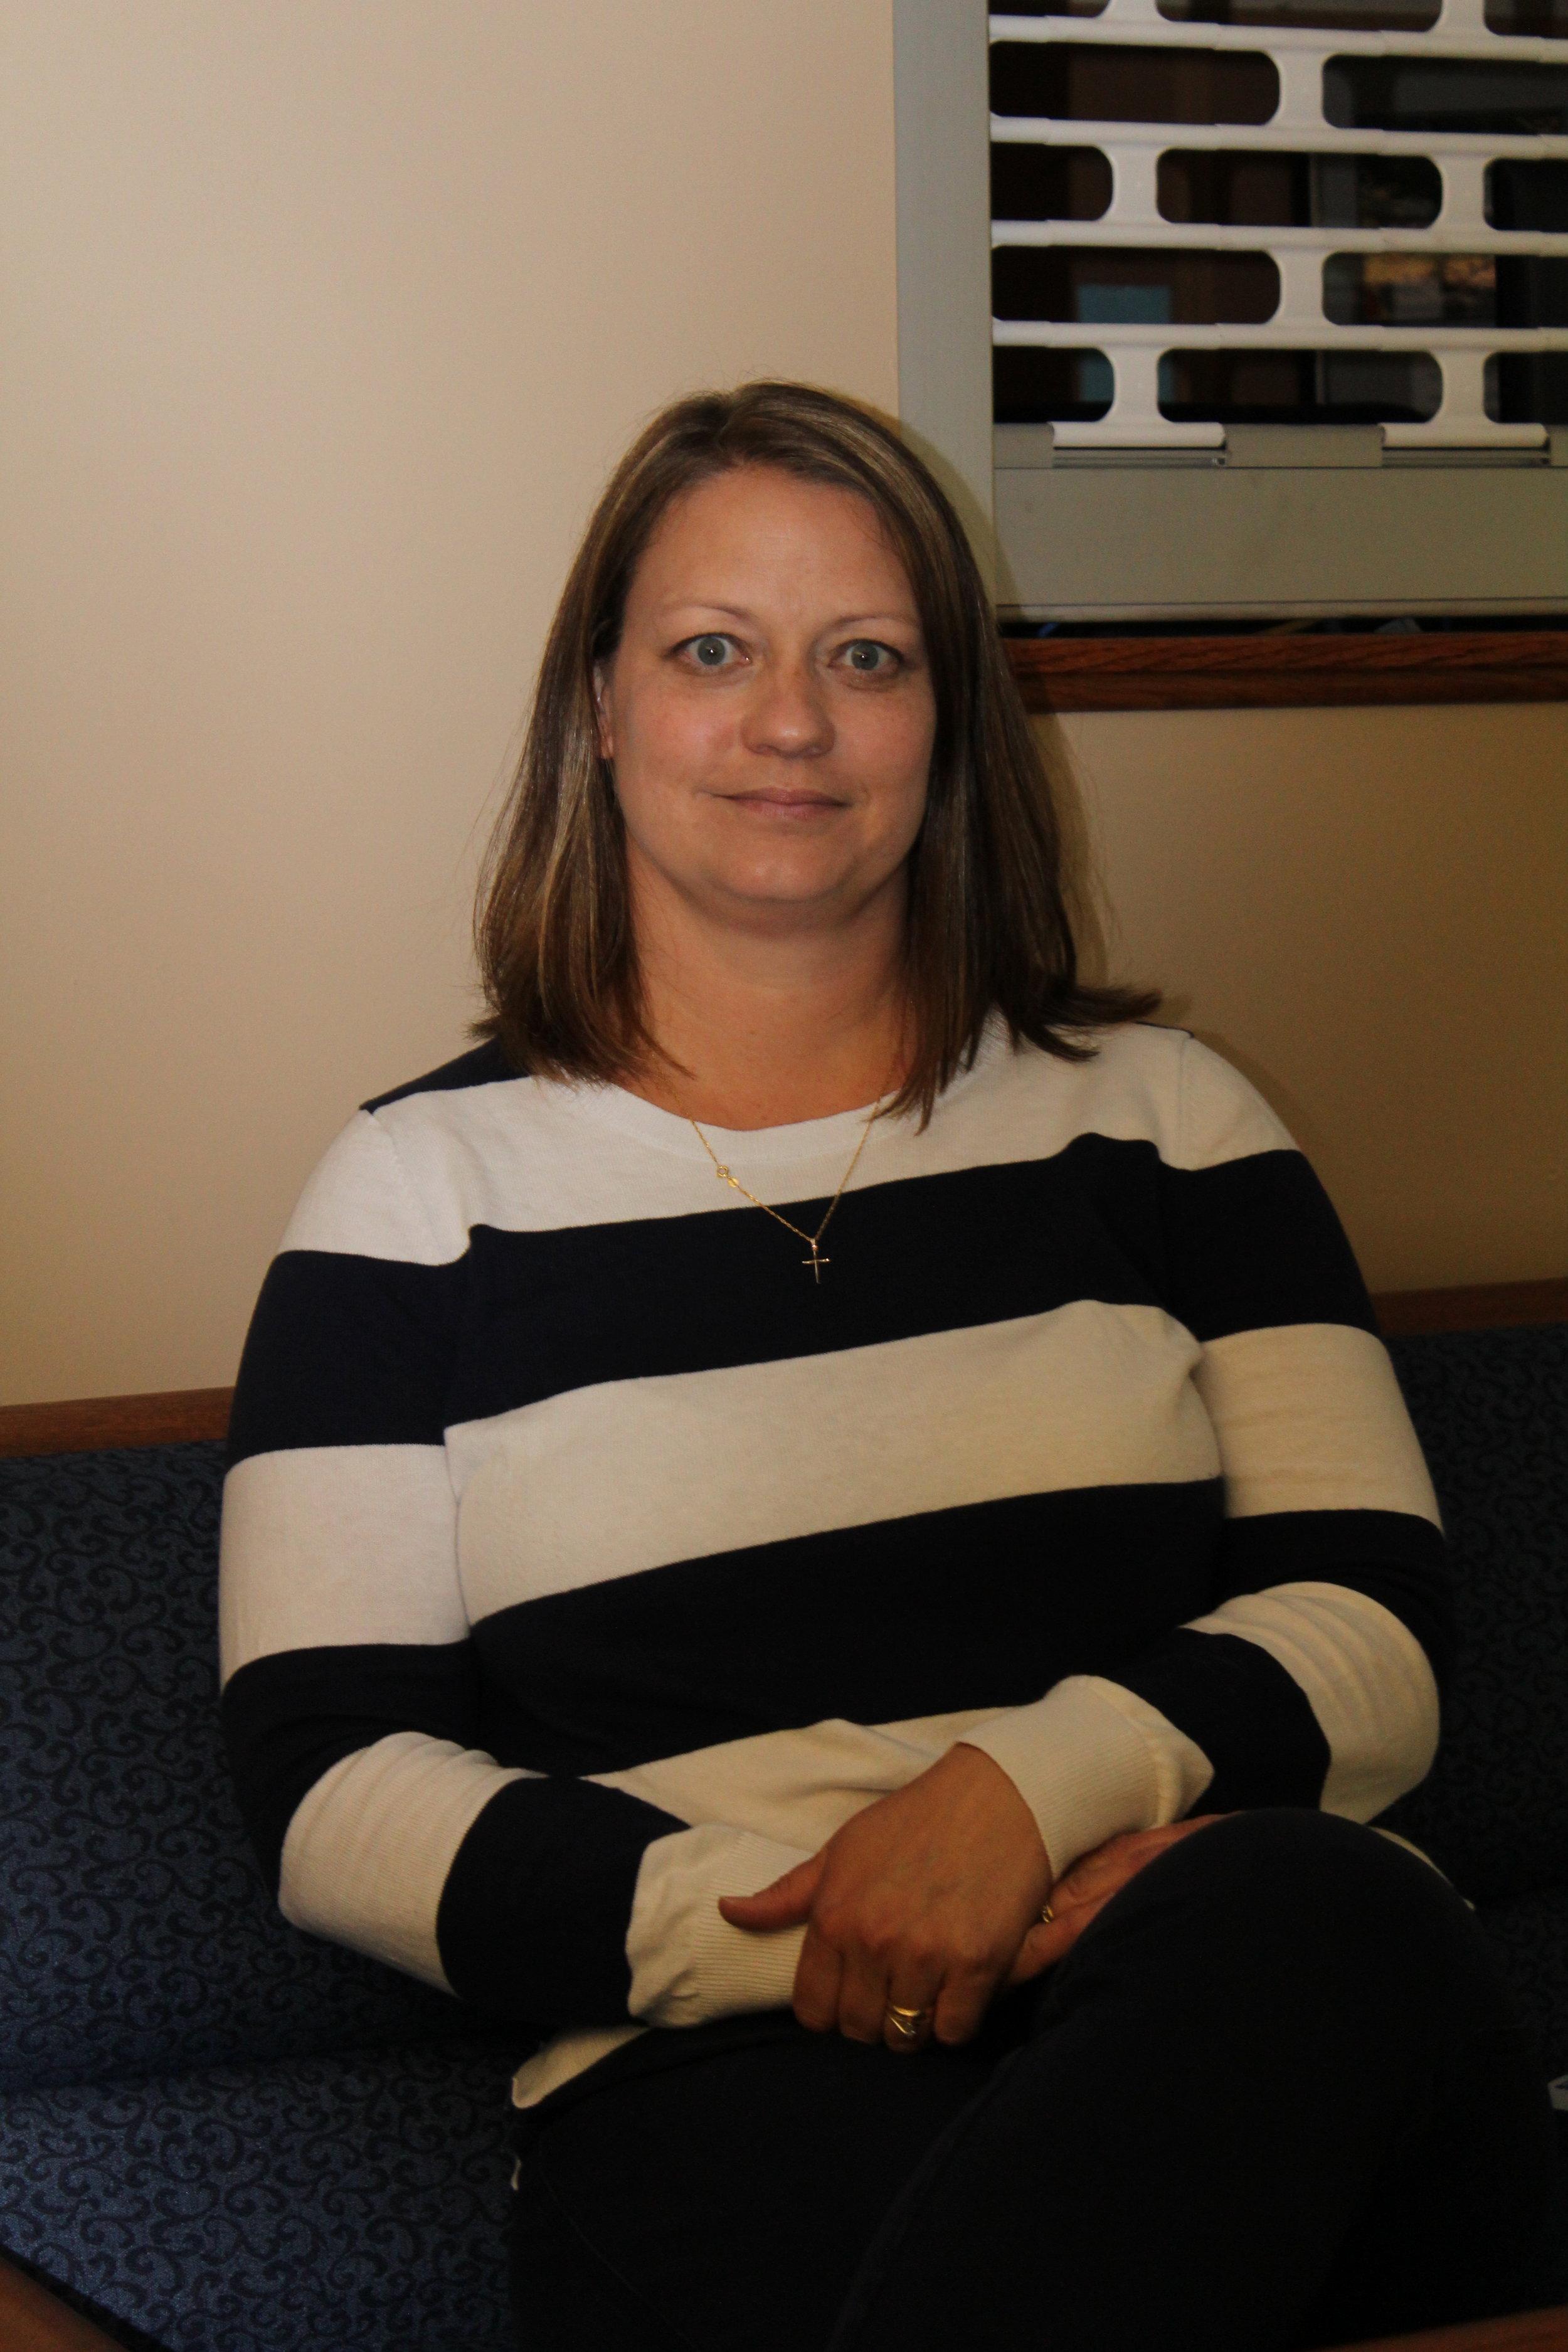 Diana Barnett has been a member of Dutilh Church since 2009.